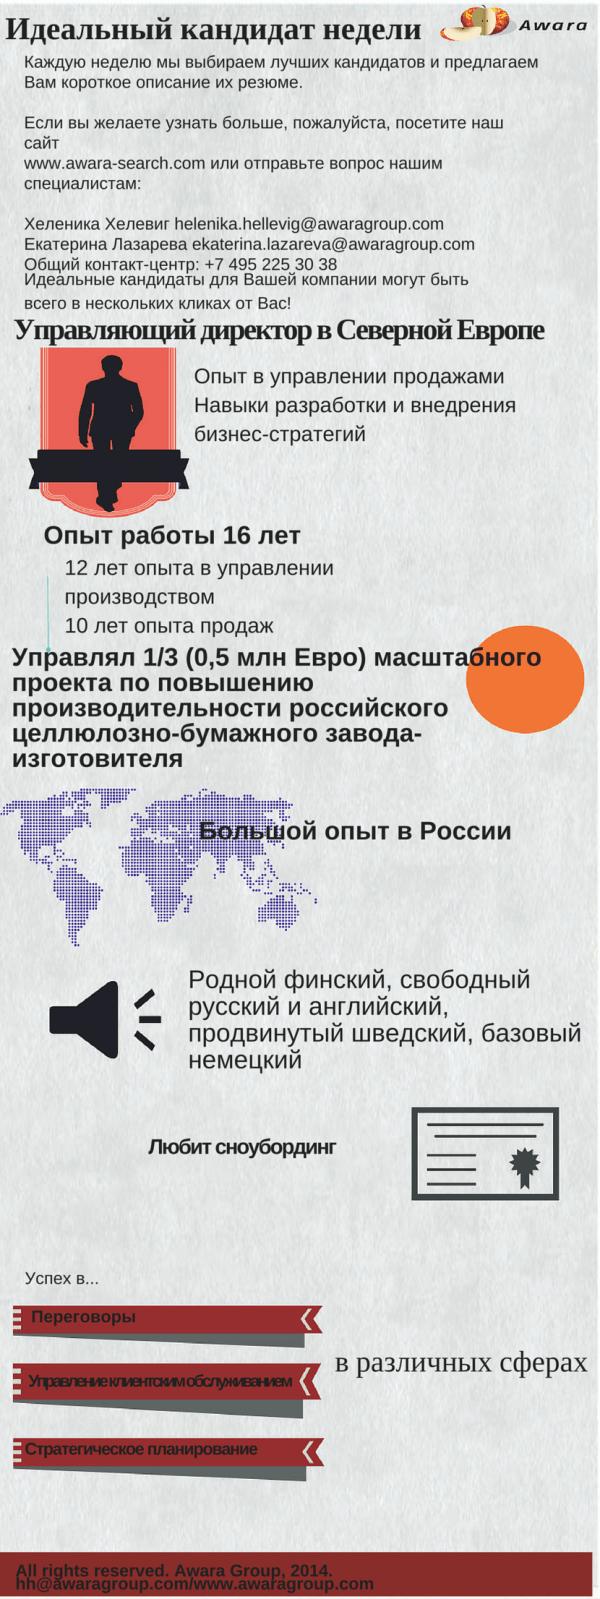 upravlyayuschy_direktor_v_Severnoy_Evrope-min